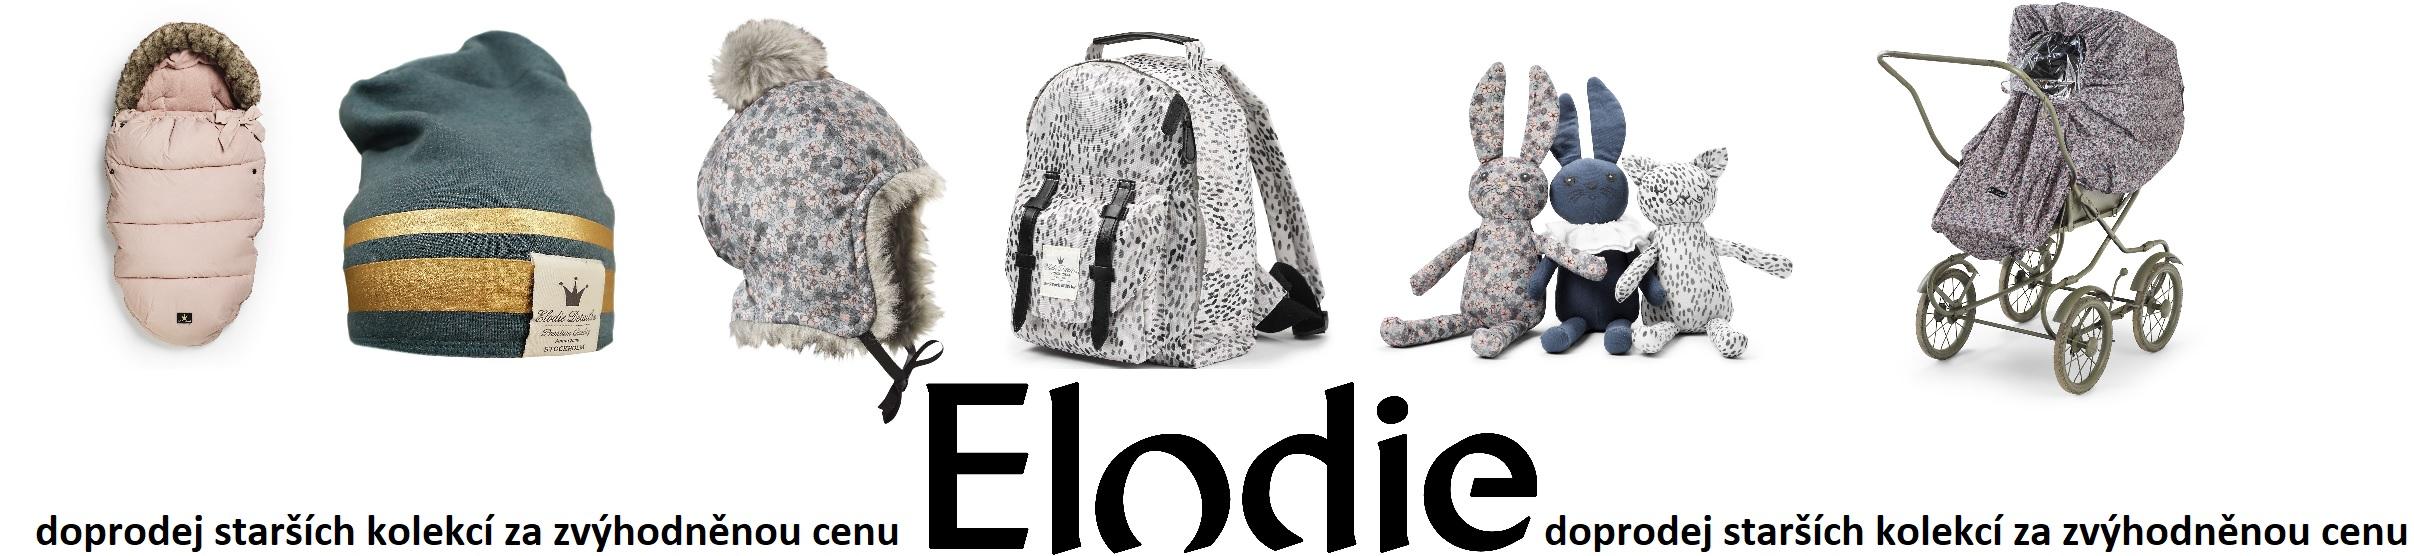 Elodie Details doprodej starších kolekcí